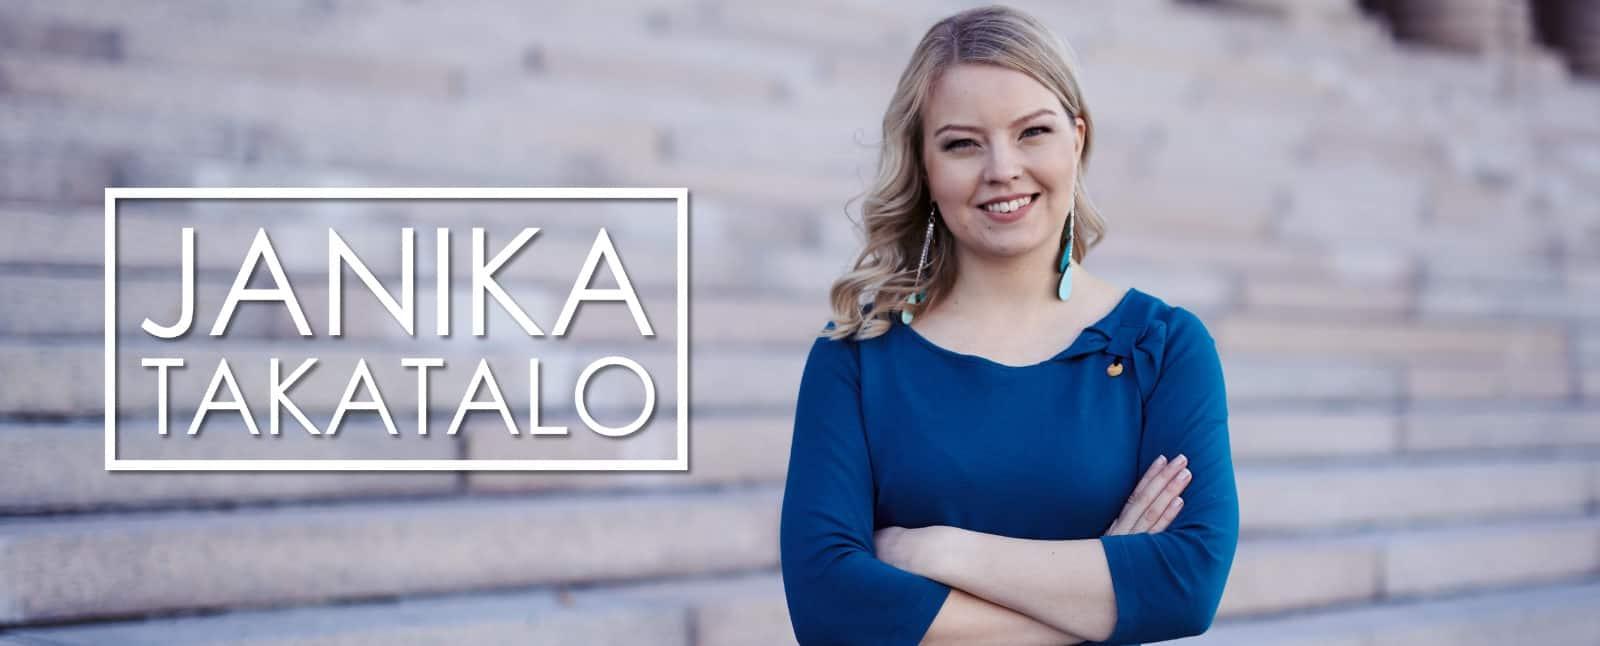 Salon Kokoomus, eduskuntavaaliehdokas Janika Takatalo, yrittäjä, sinivihreä, koulutus, Someron lukion eduskuntavaalipaneelissa, Naantalin lukion eduskuntavaalipaneelissa, Somero, Naantali, #Takatalo2019